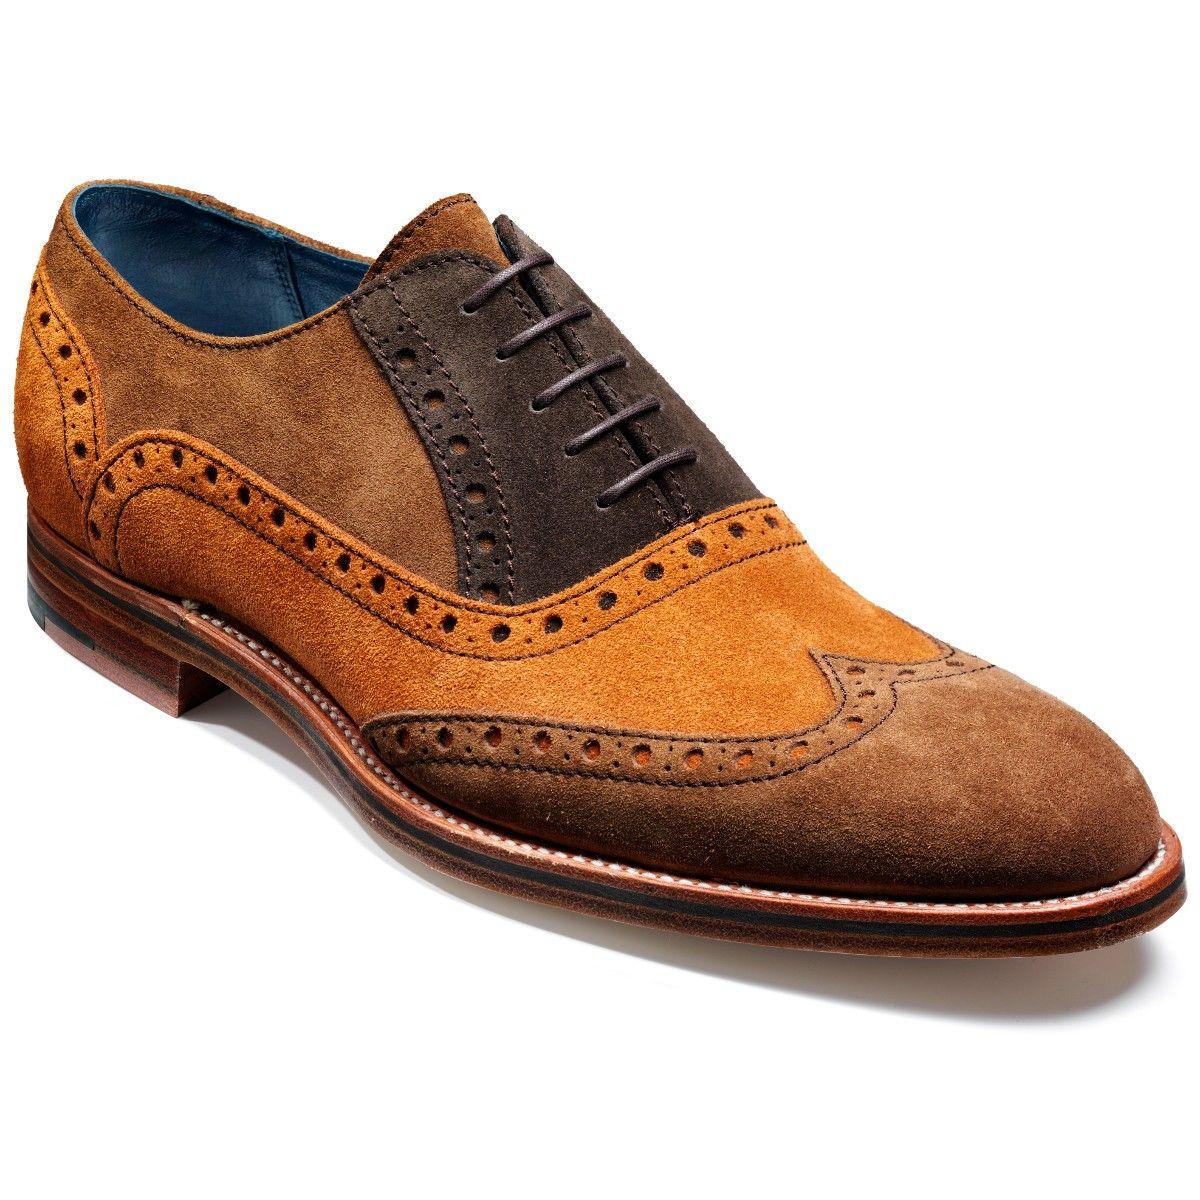 8d16594e464 Barker Grant Combi Suede Shoes Men, Men's Shoes, Me Too Shoes, Dress Shoes